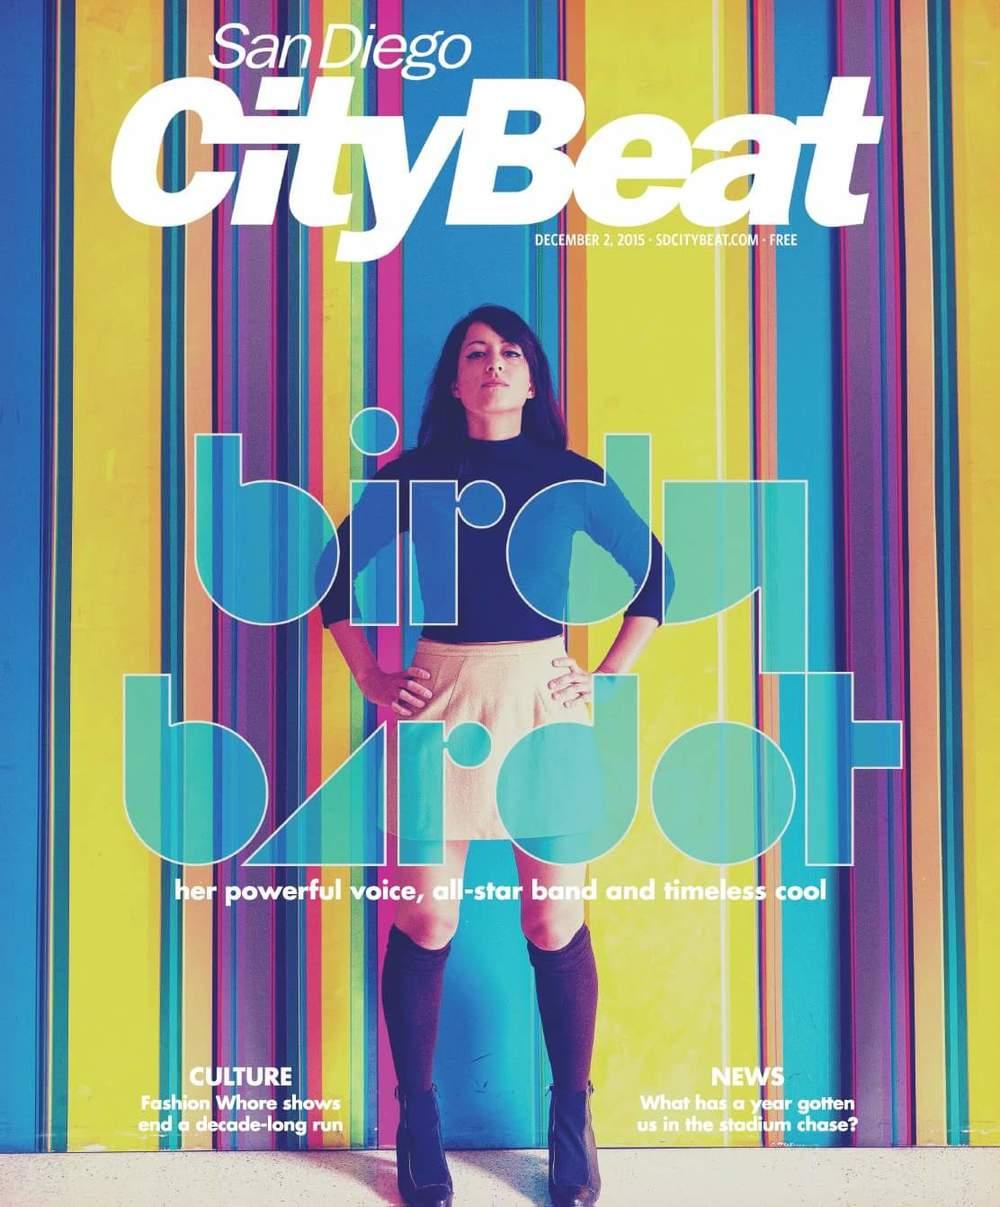 Birdy_Citybeat.jpg